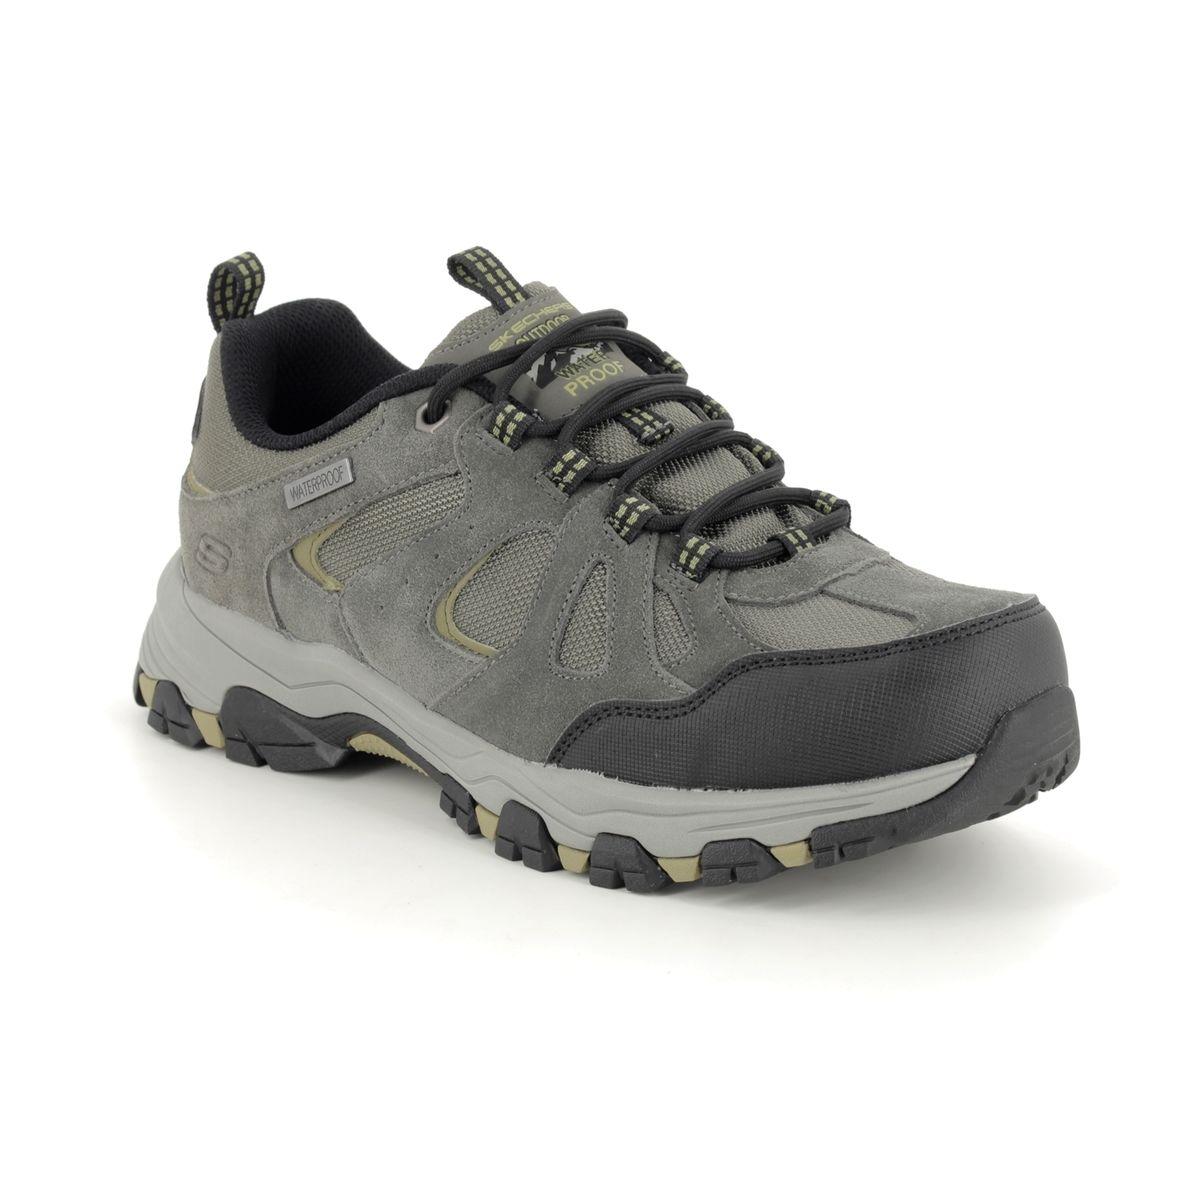 skechers outdoor shoes